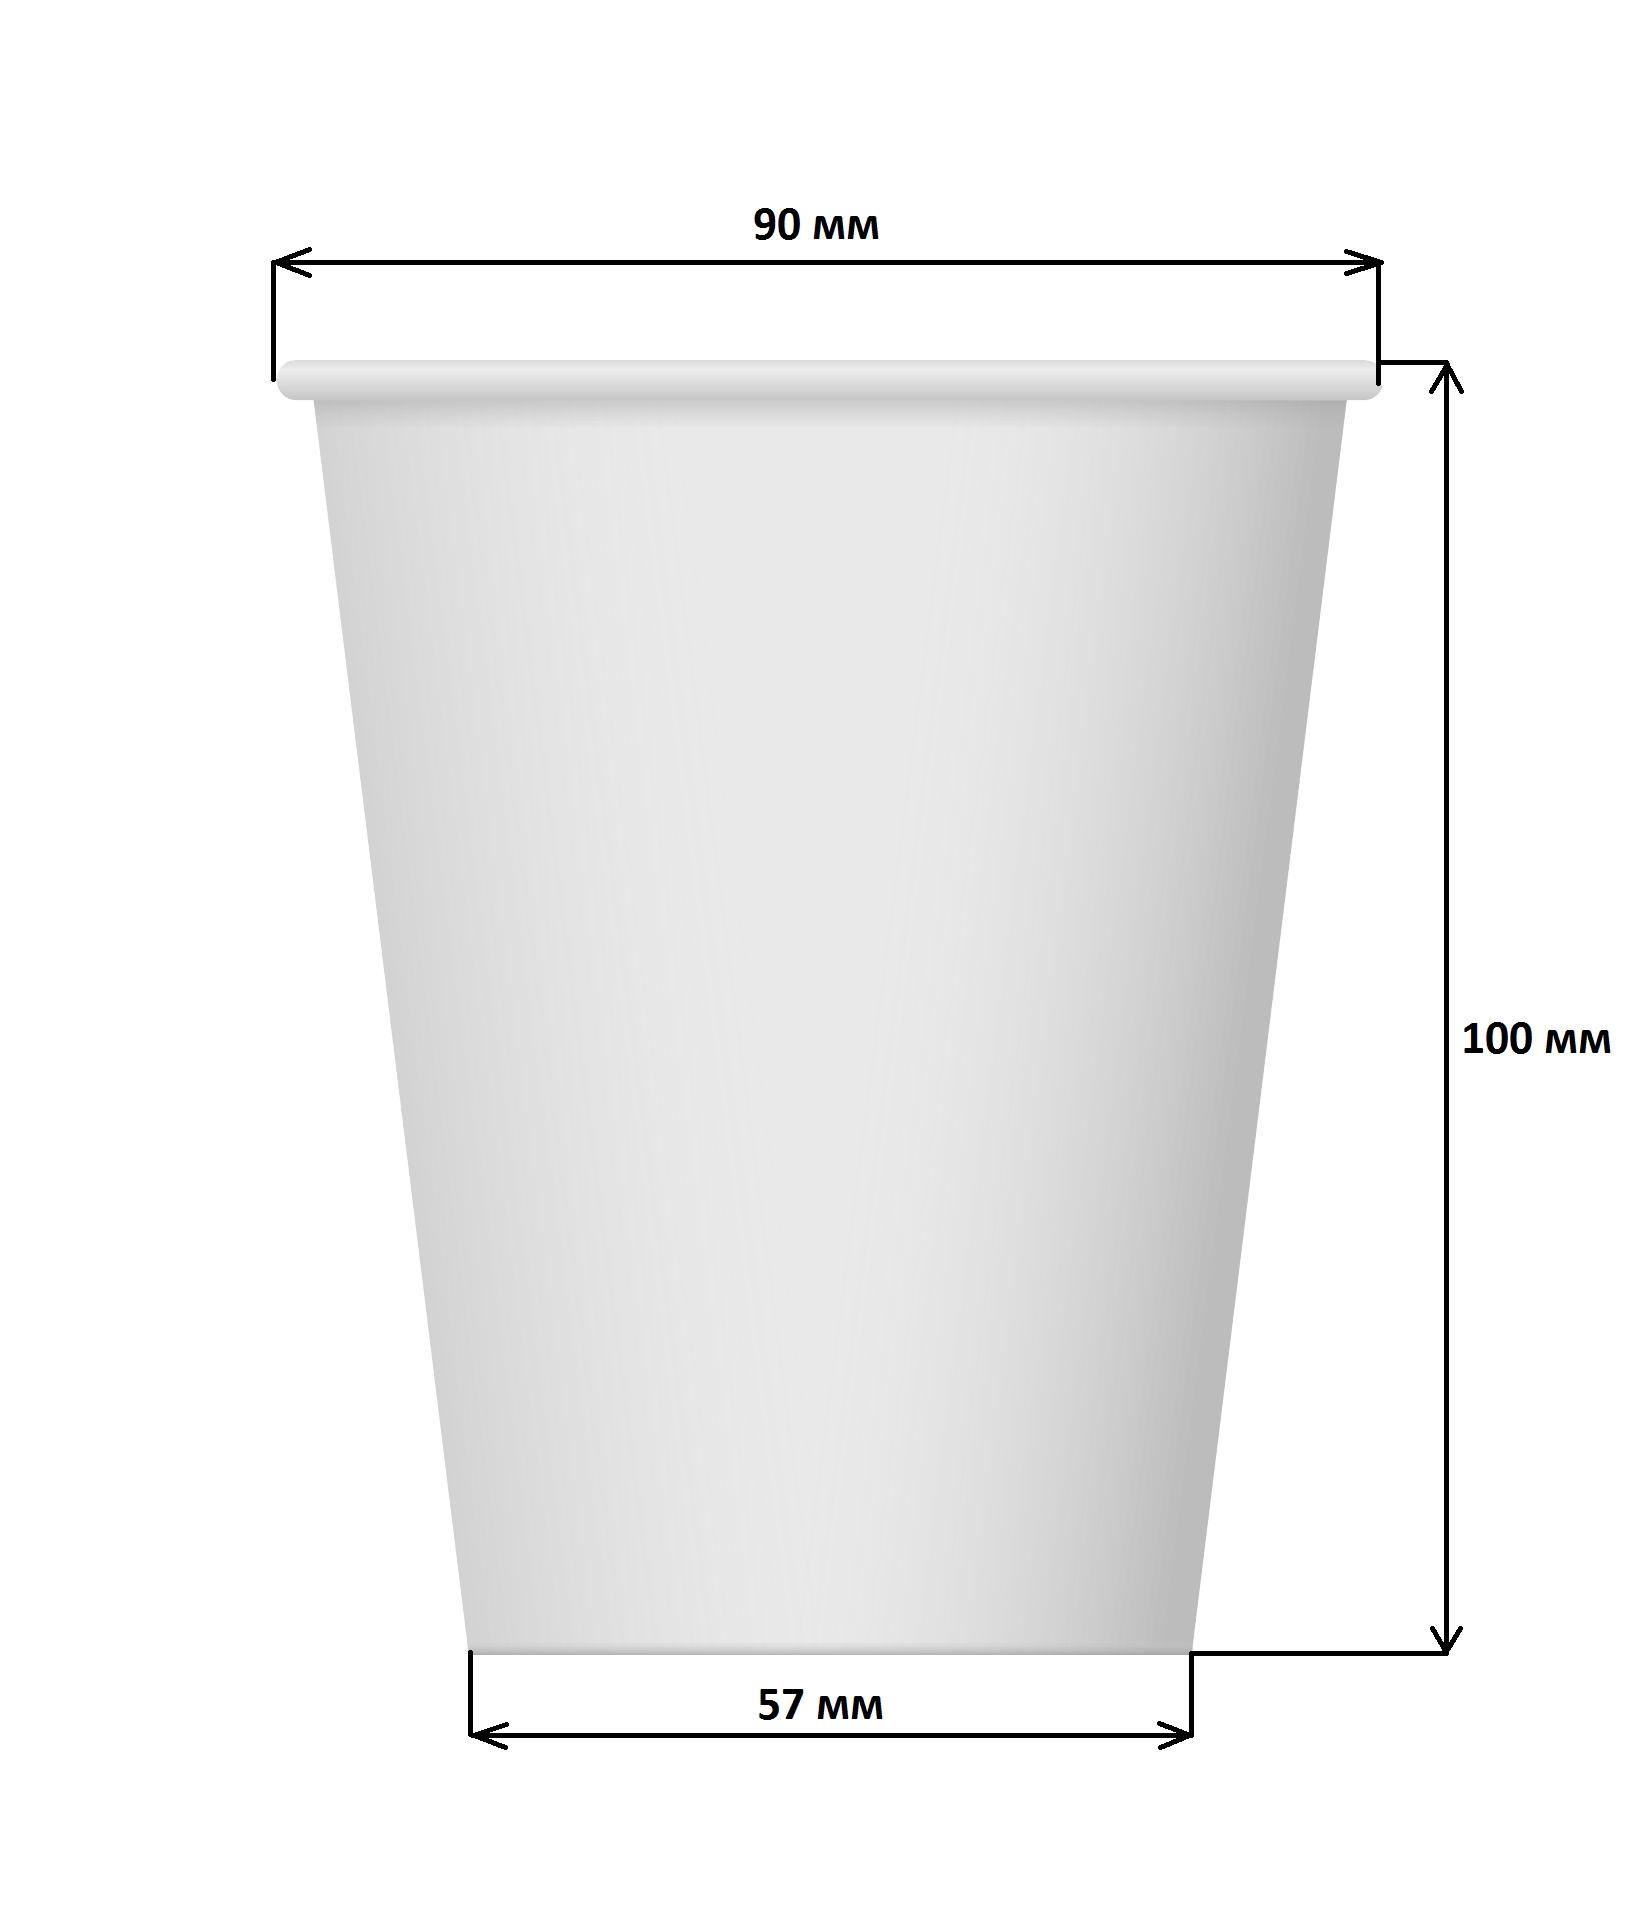 Одноразовая посуда и упаковка для роллов оптом недорого